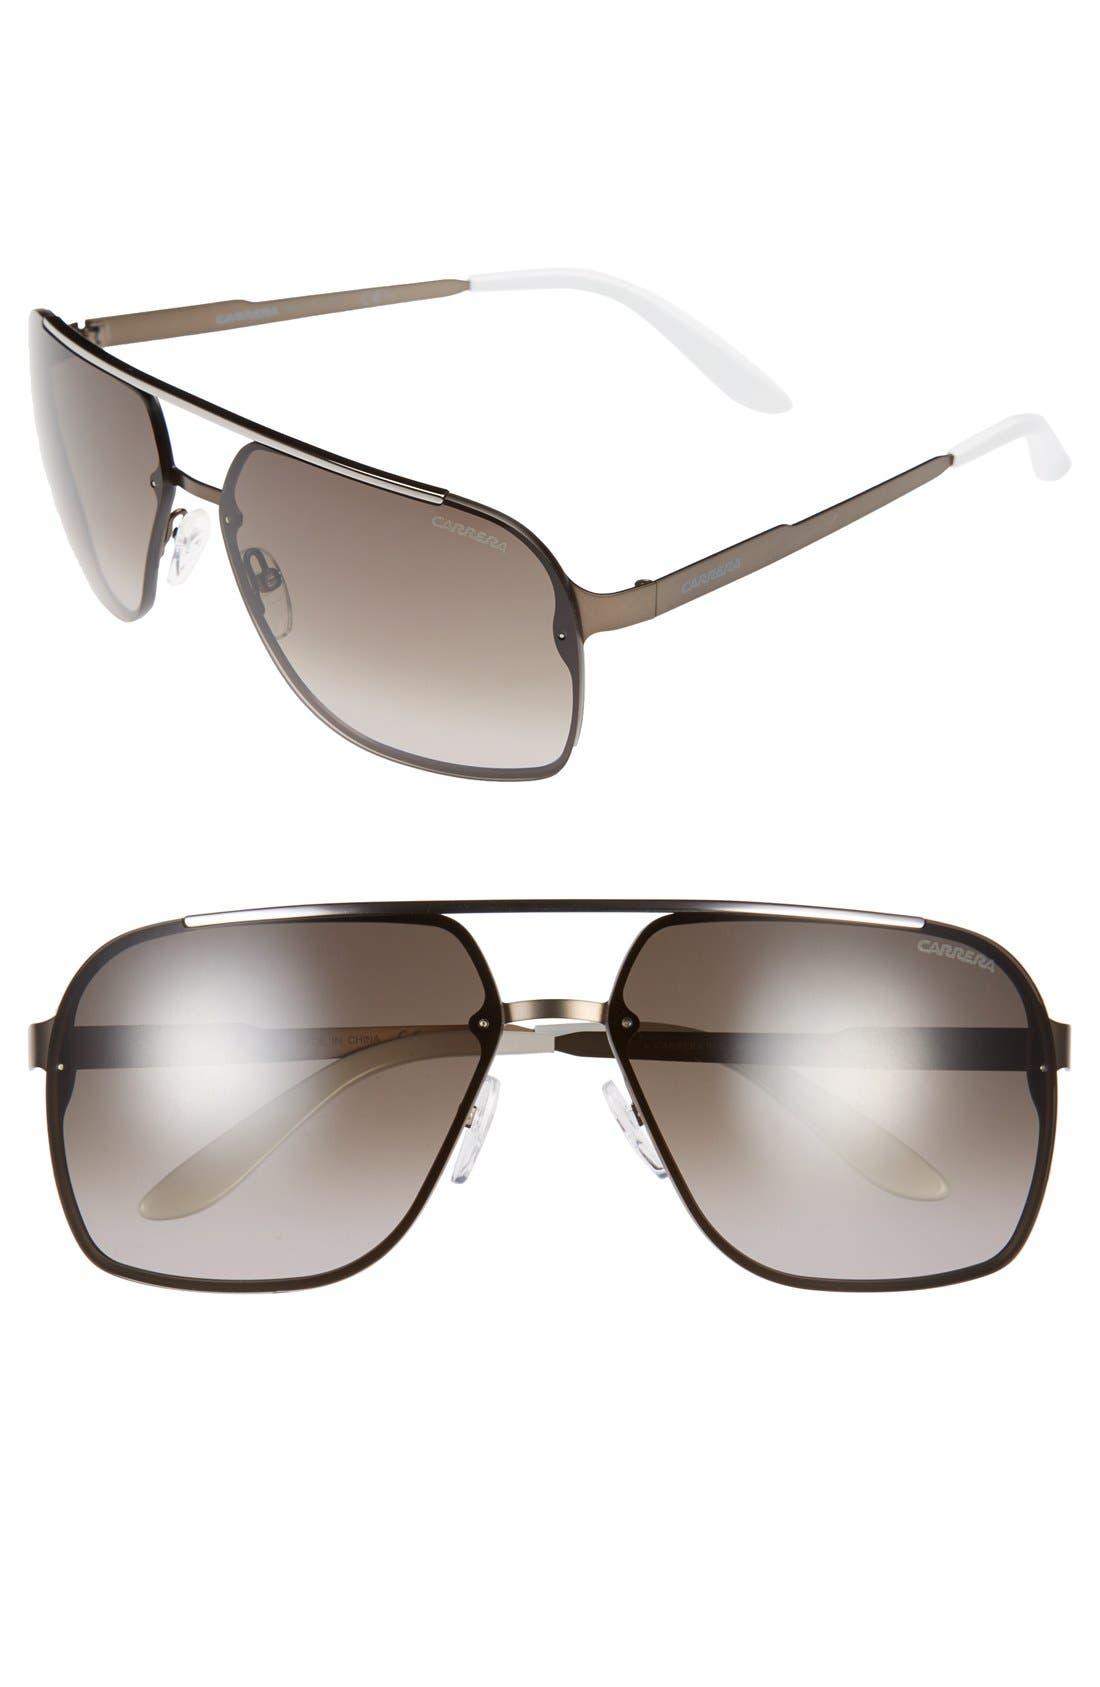 64mm Navigator Sunglasses,                         Main,                         color, Matte Brown/ Brown Gradient